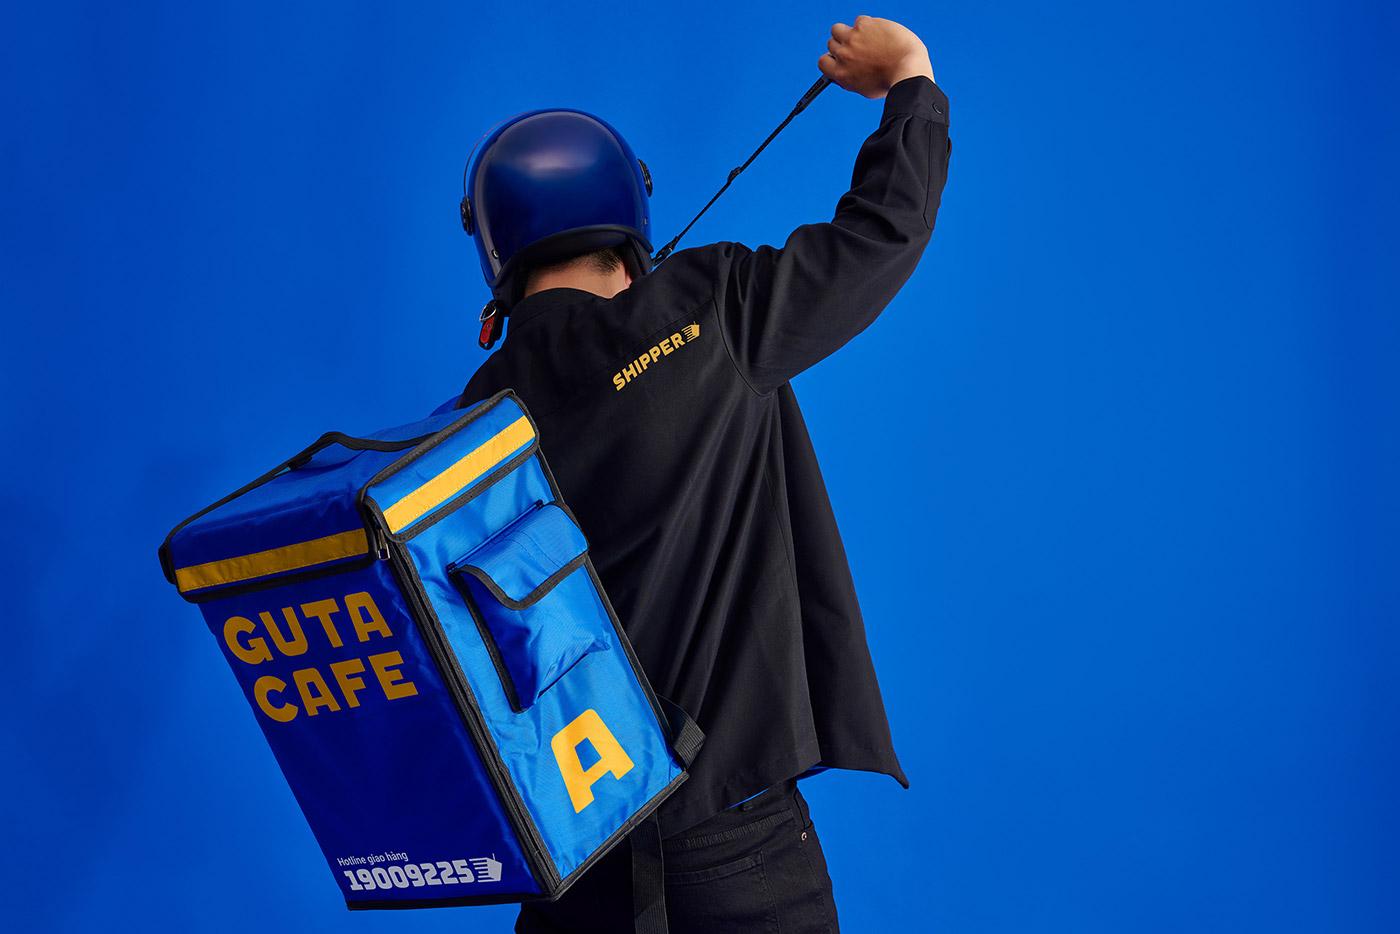 Guta Cafe uniform